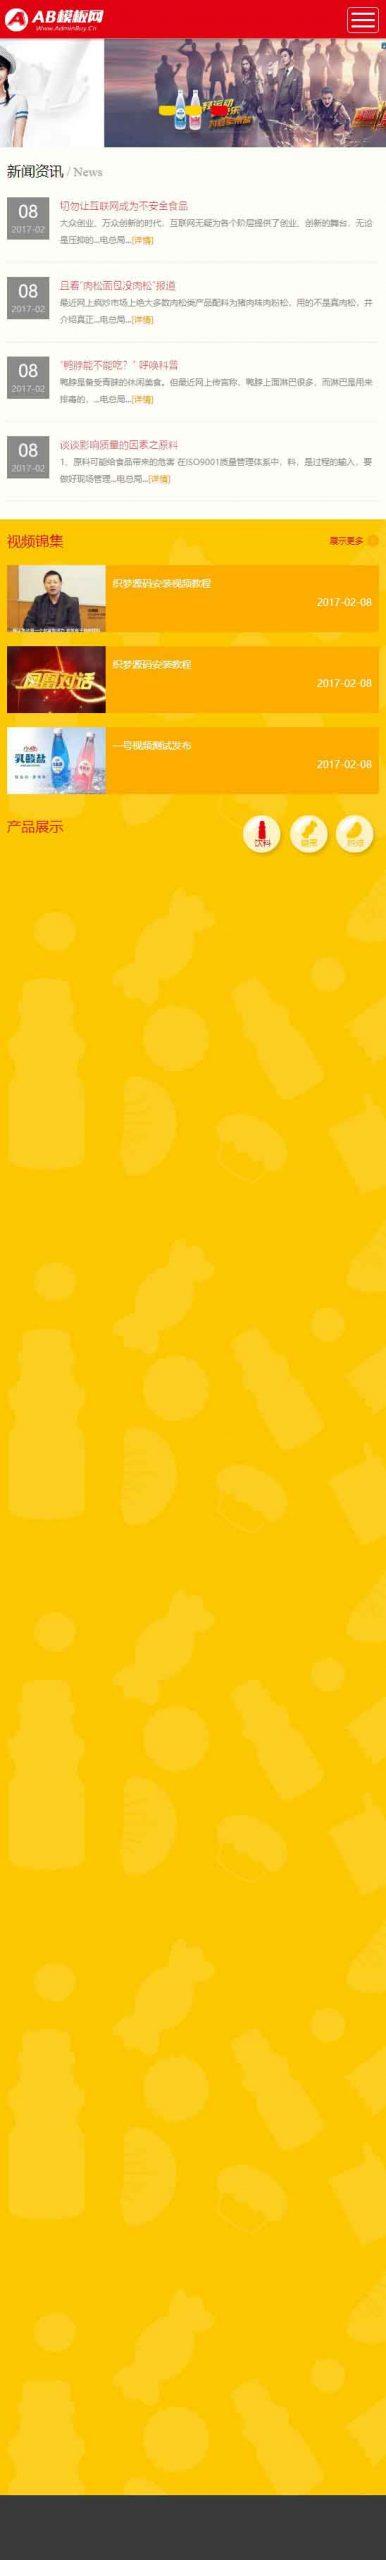 日化用品食品饮料企业网站织梦dede模板源码[自适应手机版]插图1